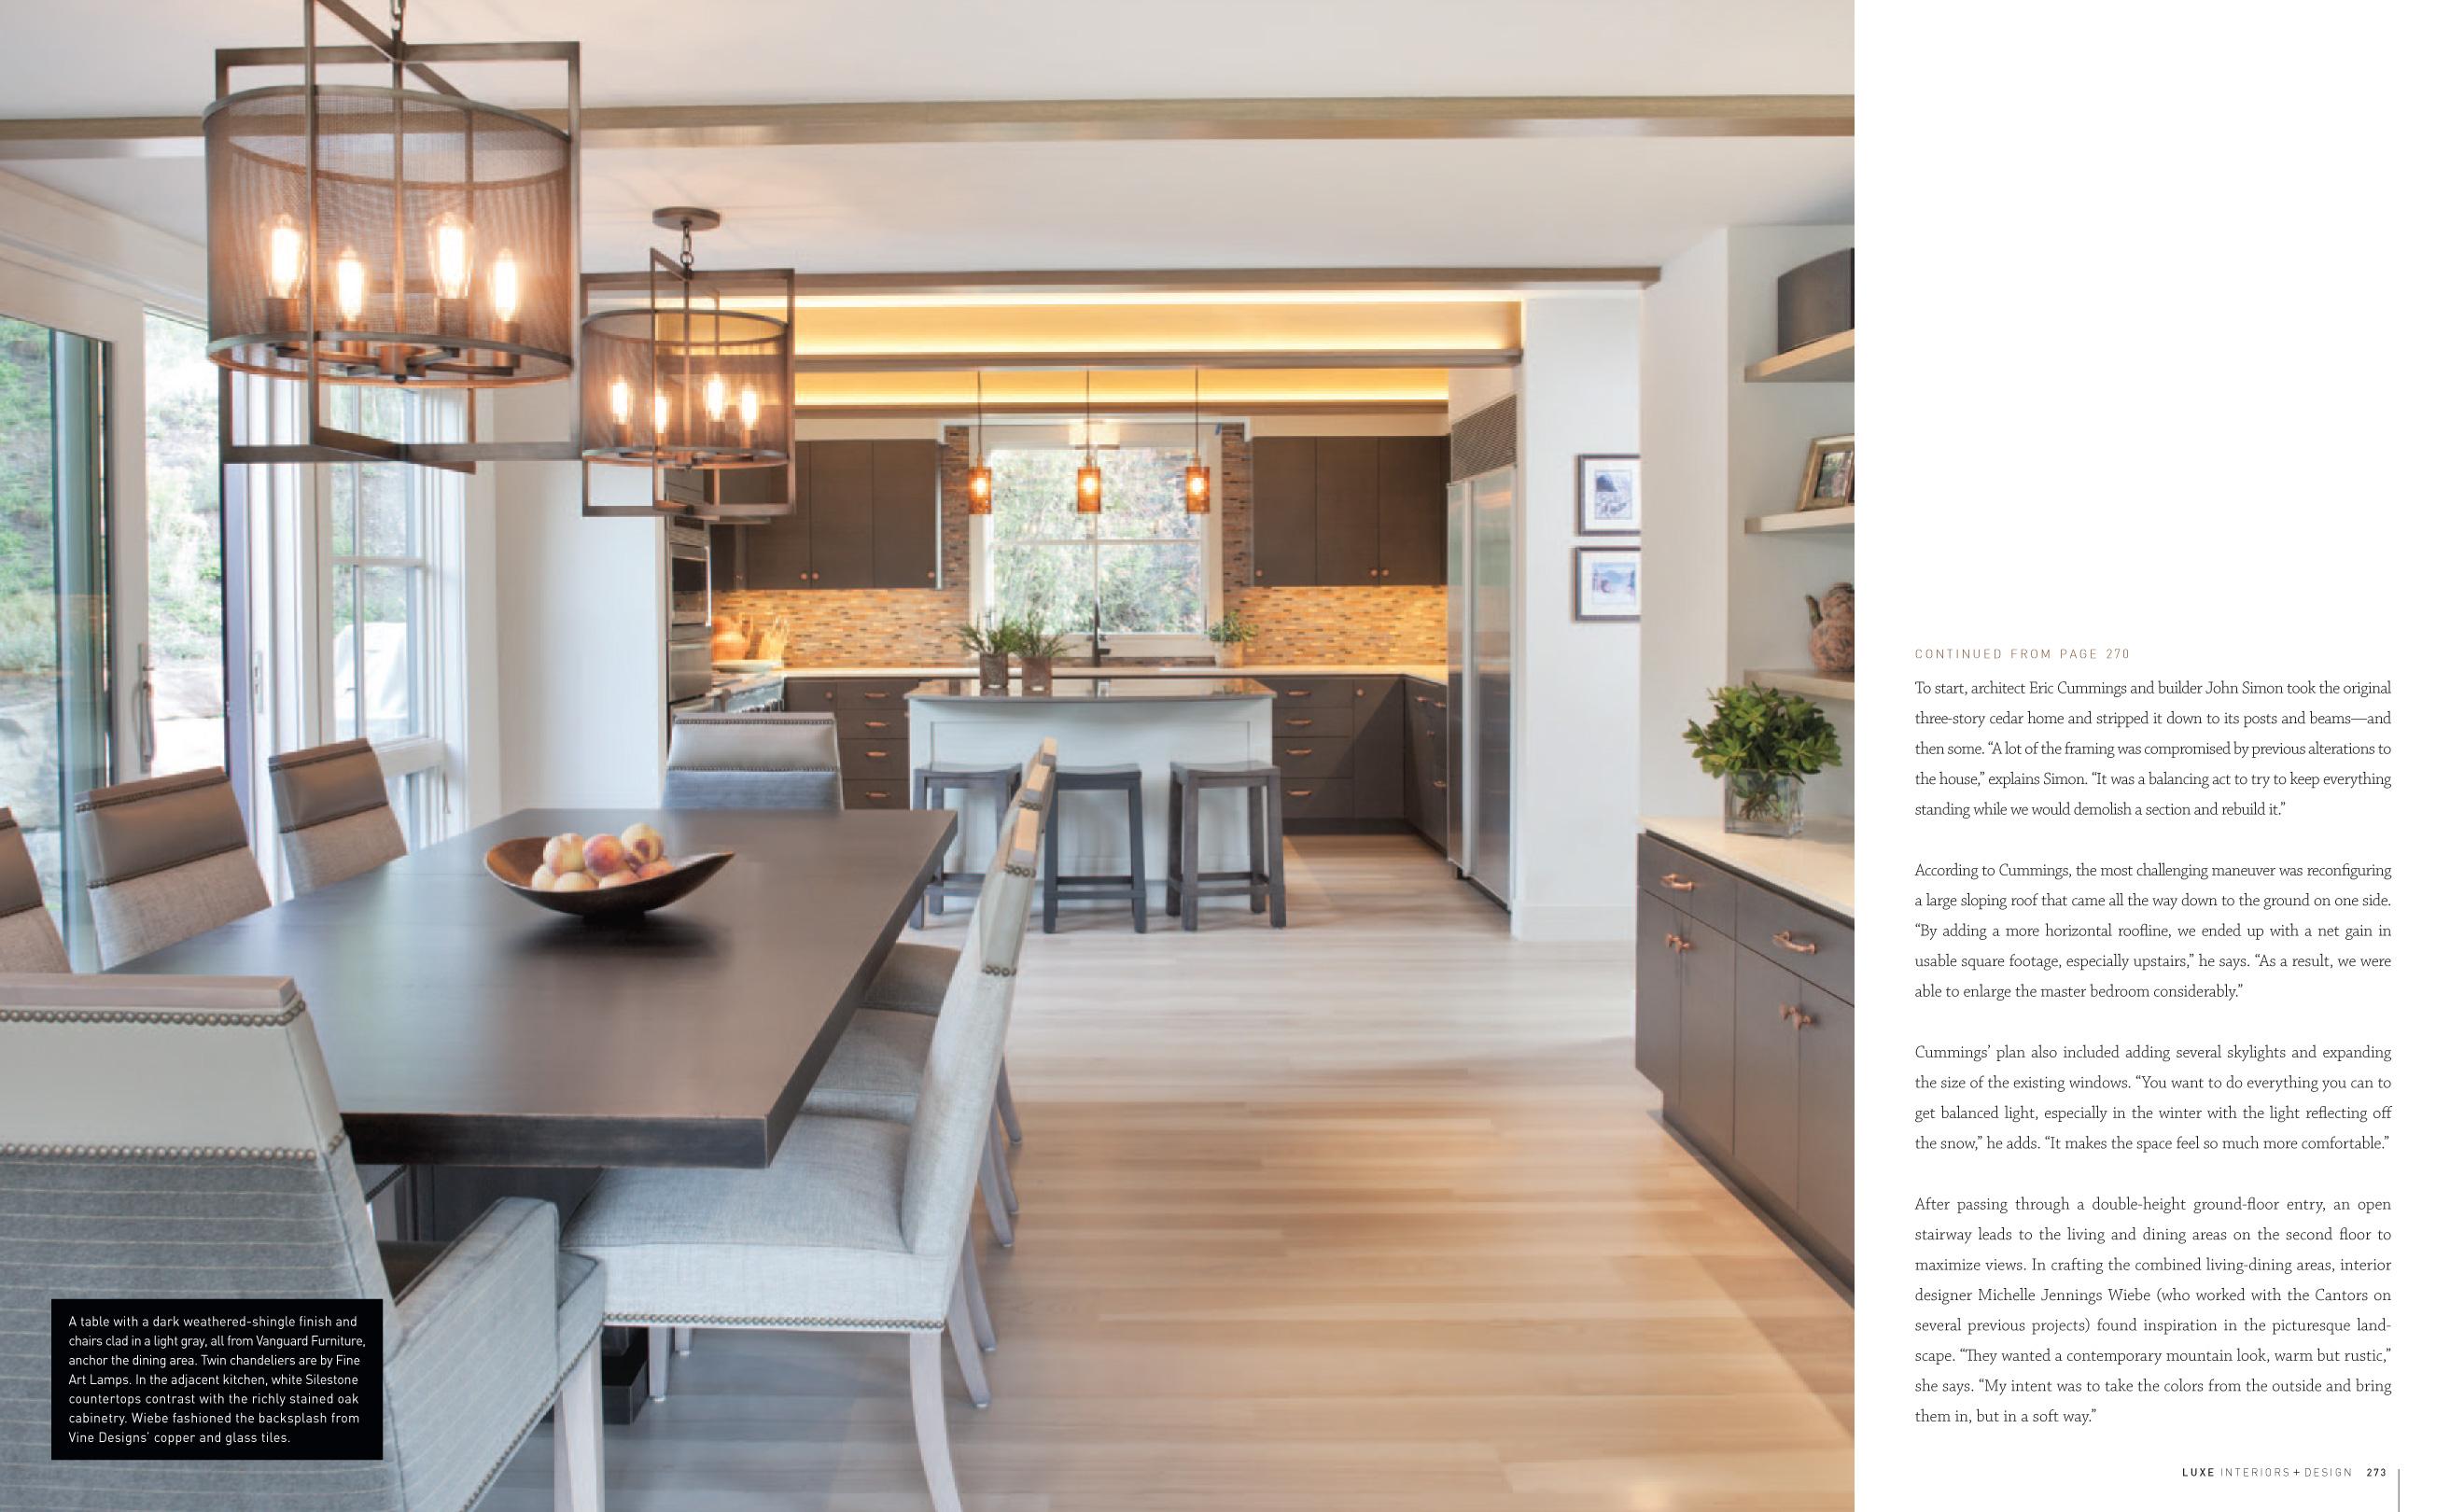 Luxe magazine studio m telluride co interior design - Interior design kitchen dining room ...